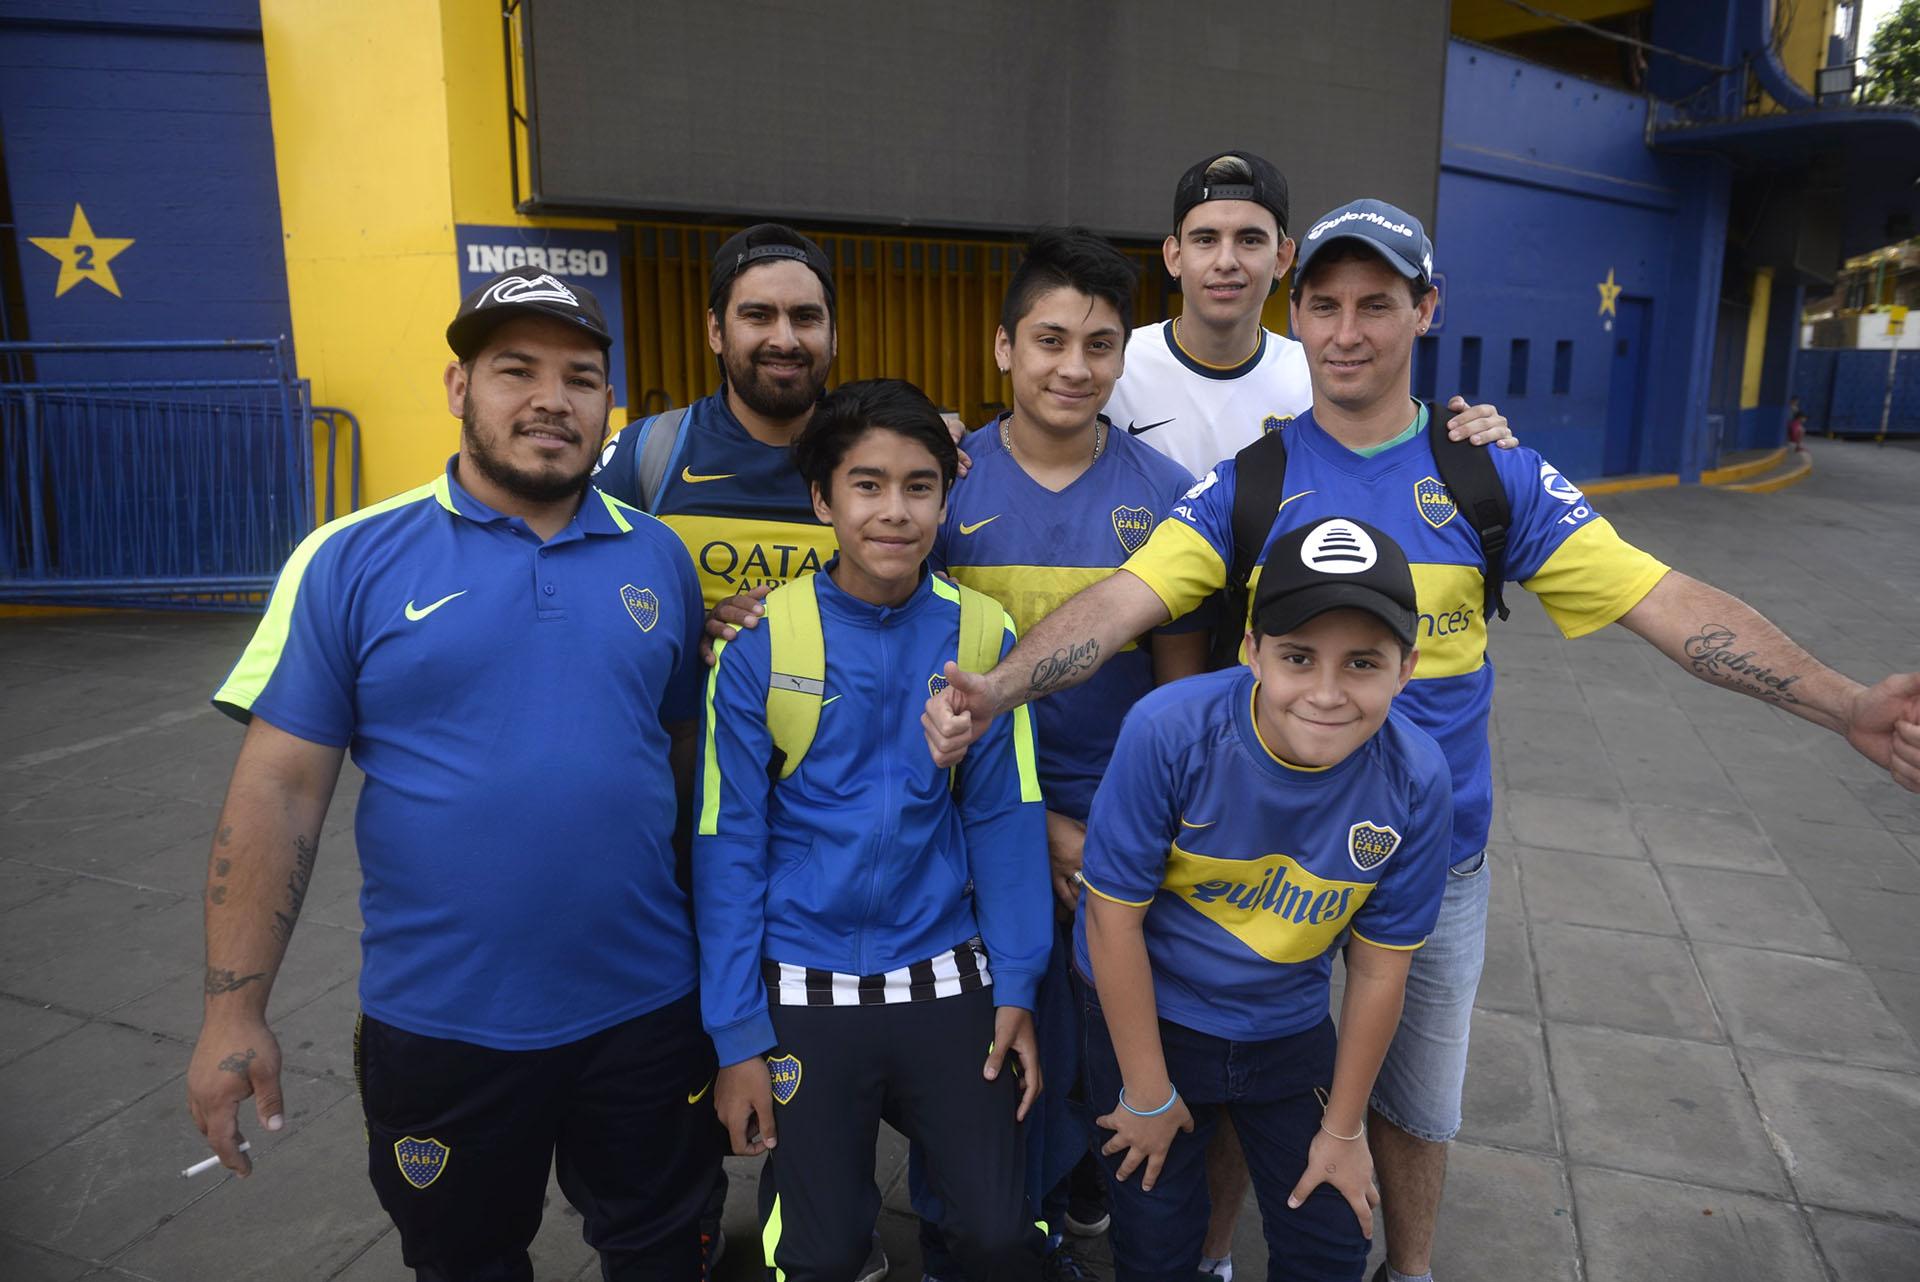 Será el último gesto de respaldo antes del encuentro que definirá al campeón de la Copa Libertadores 2018.